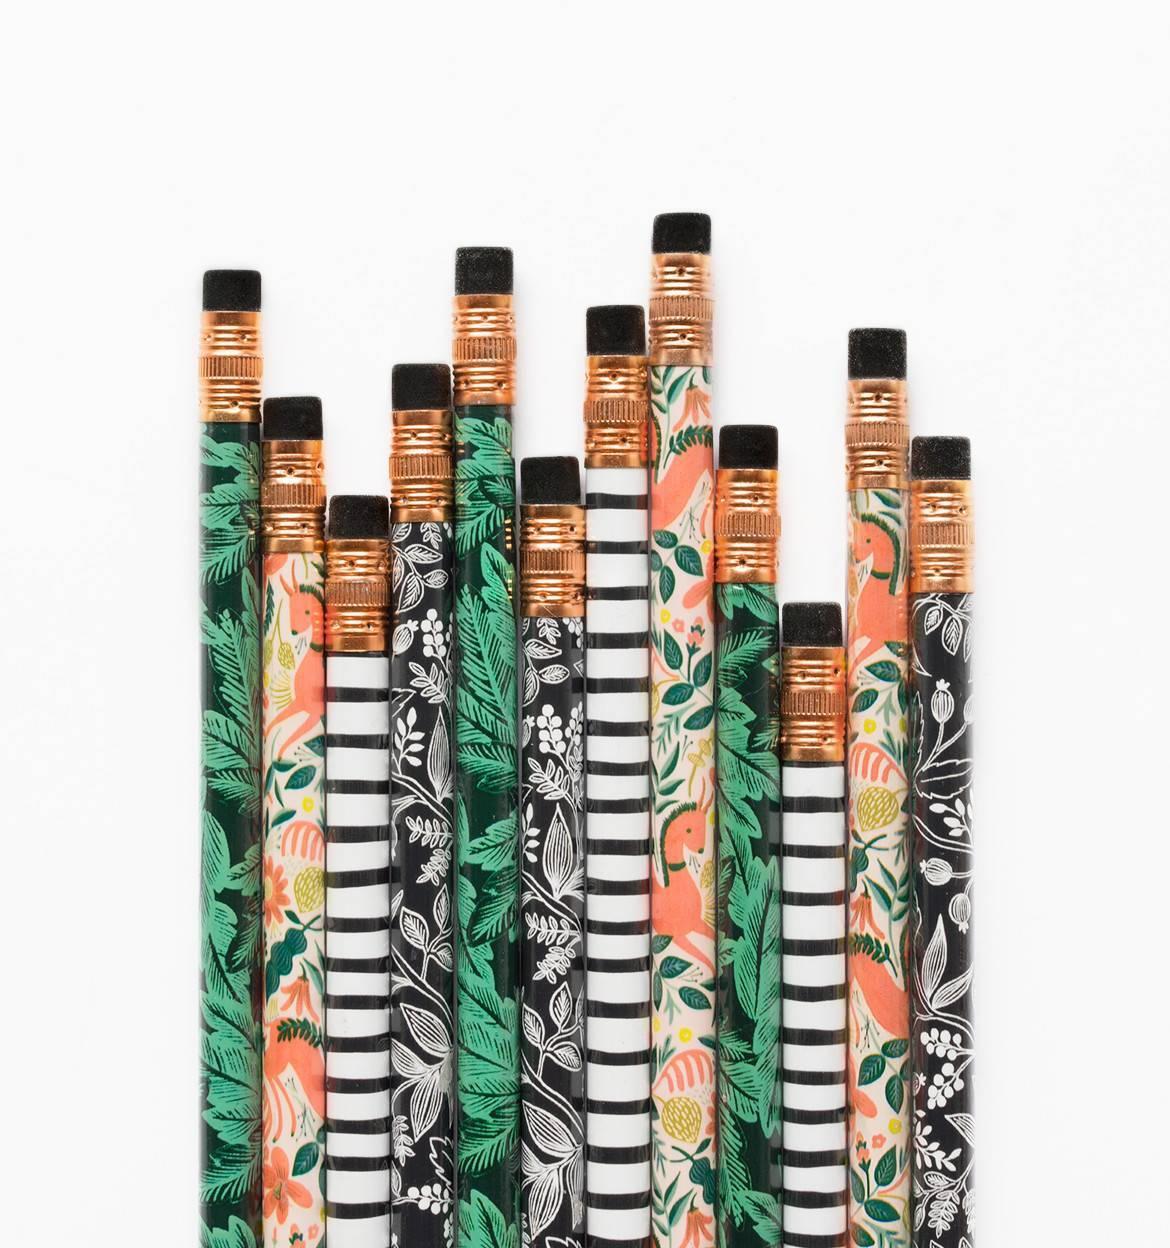 Rifle Paper Co. Tužky Folk - set 12 ks, zelená barva, černá barva, multi barva, dřevo